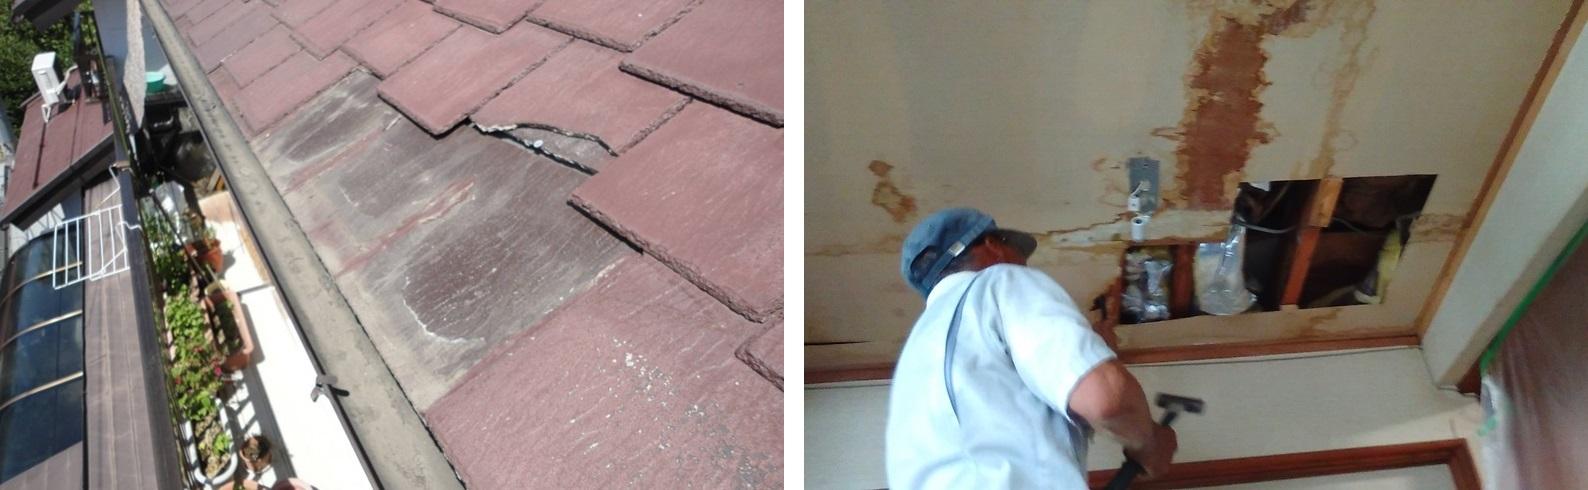 左:築20年の屋根材が劣化後、剥がれて落下 右:雨漏り発生。発生個所を特定するため点検口を開けて確認